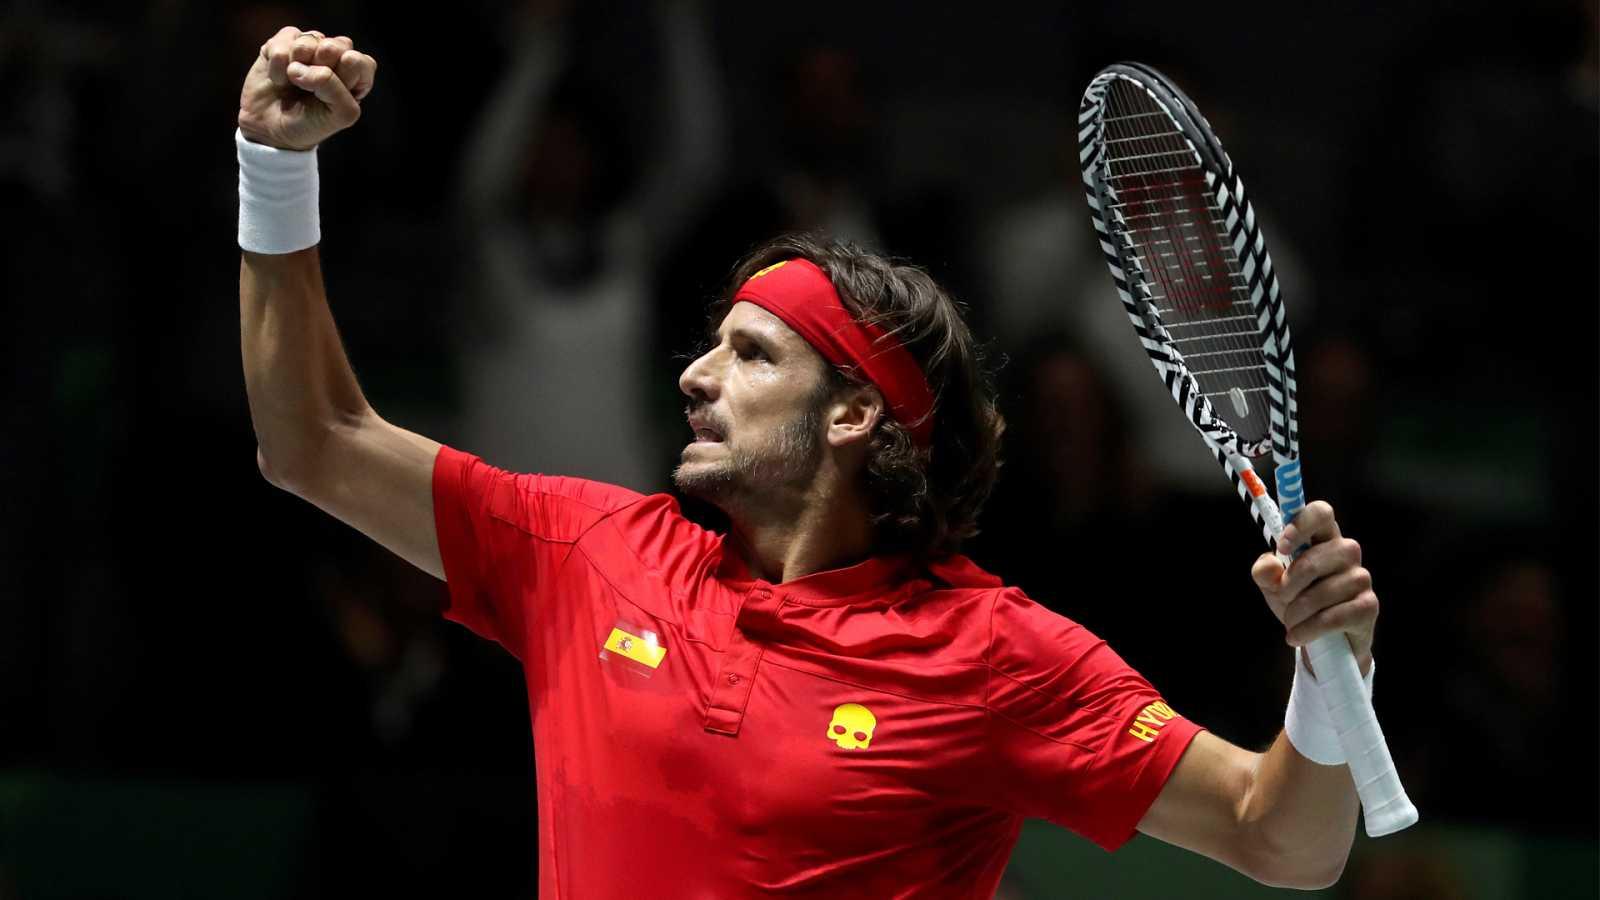 TDP en casa - Programa 54: Feliciano López y el regreso del tenis - ver ahora